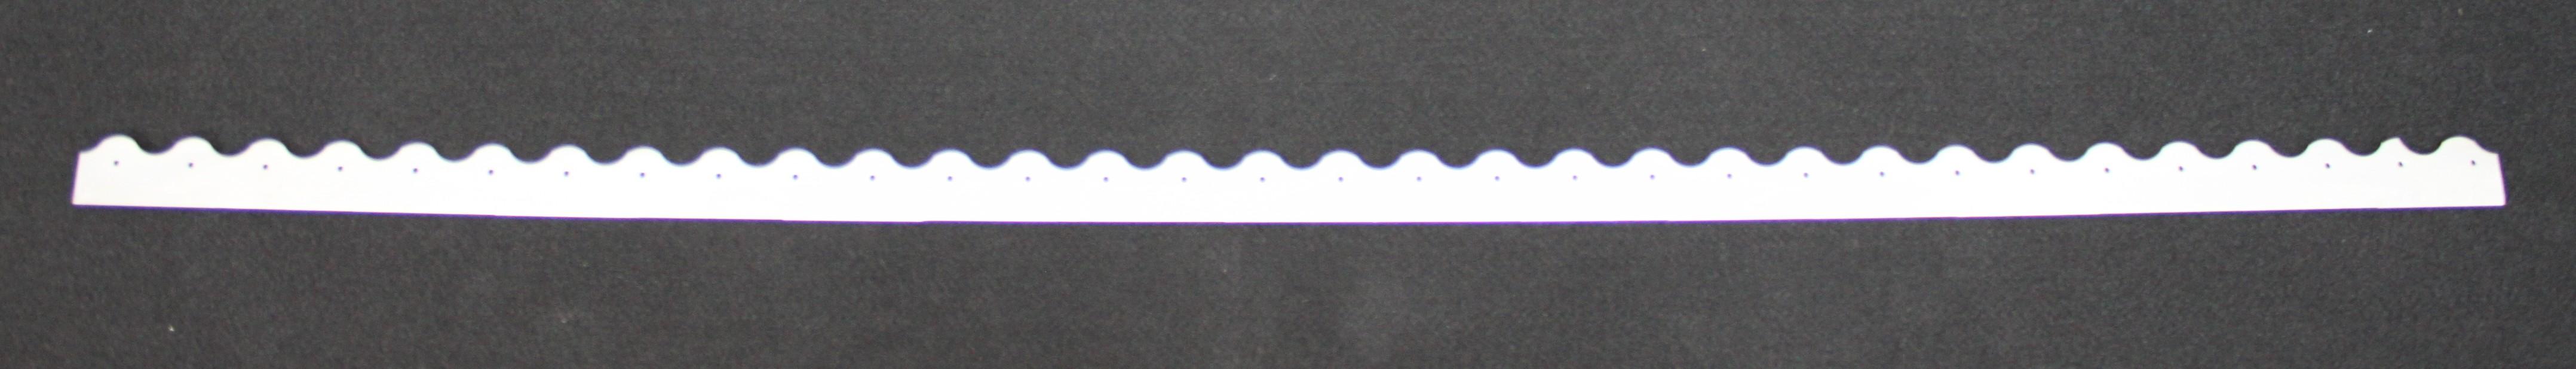 Rivet Strips